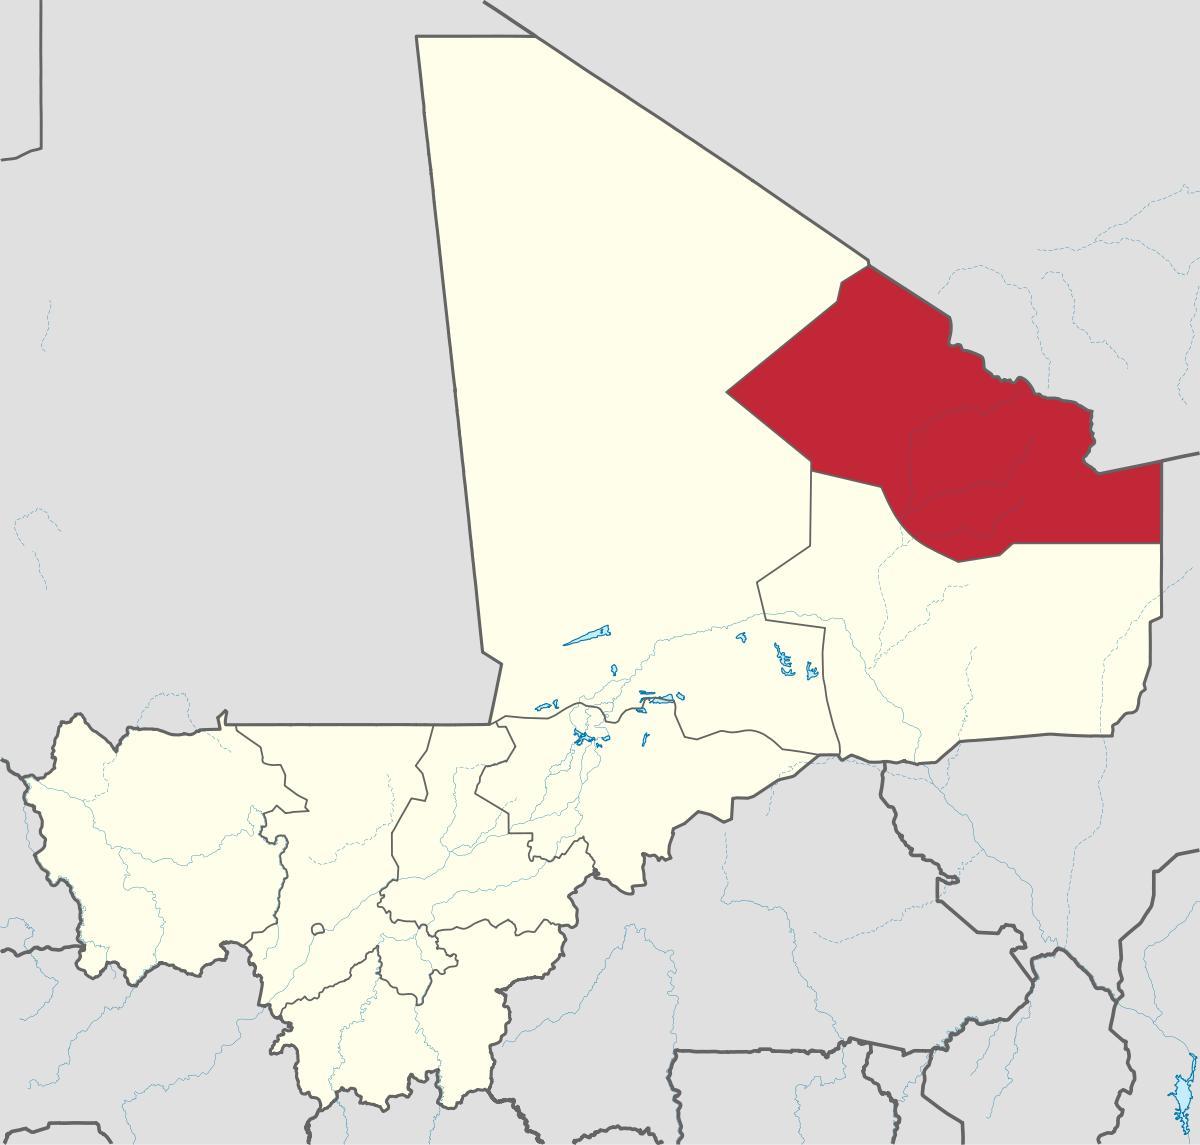 mali karta Kidal i Mali karta   Karta över kidal i Mali i Västra Afrika   Afrika) mali karta